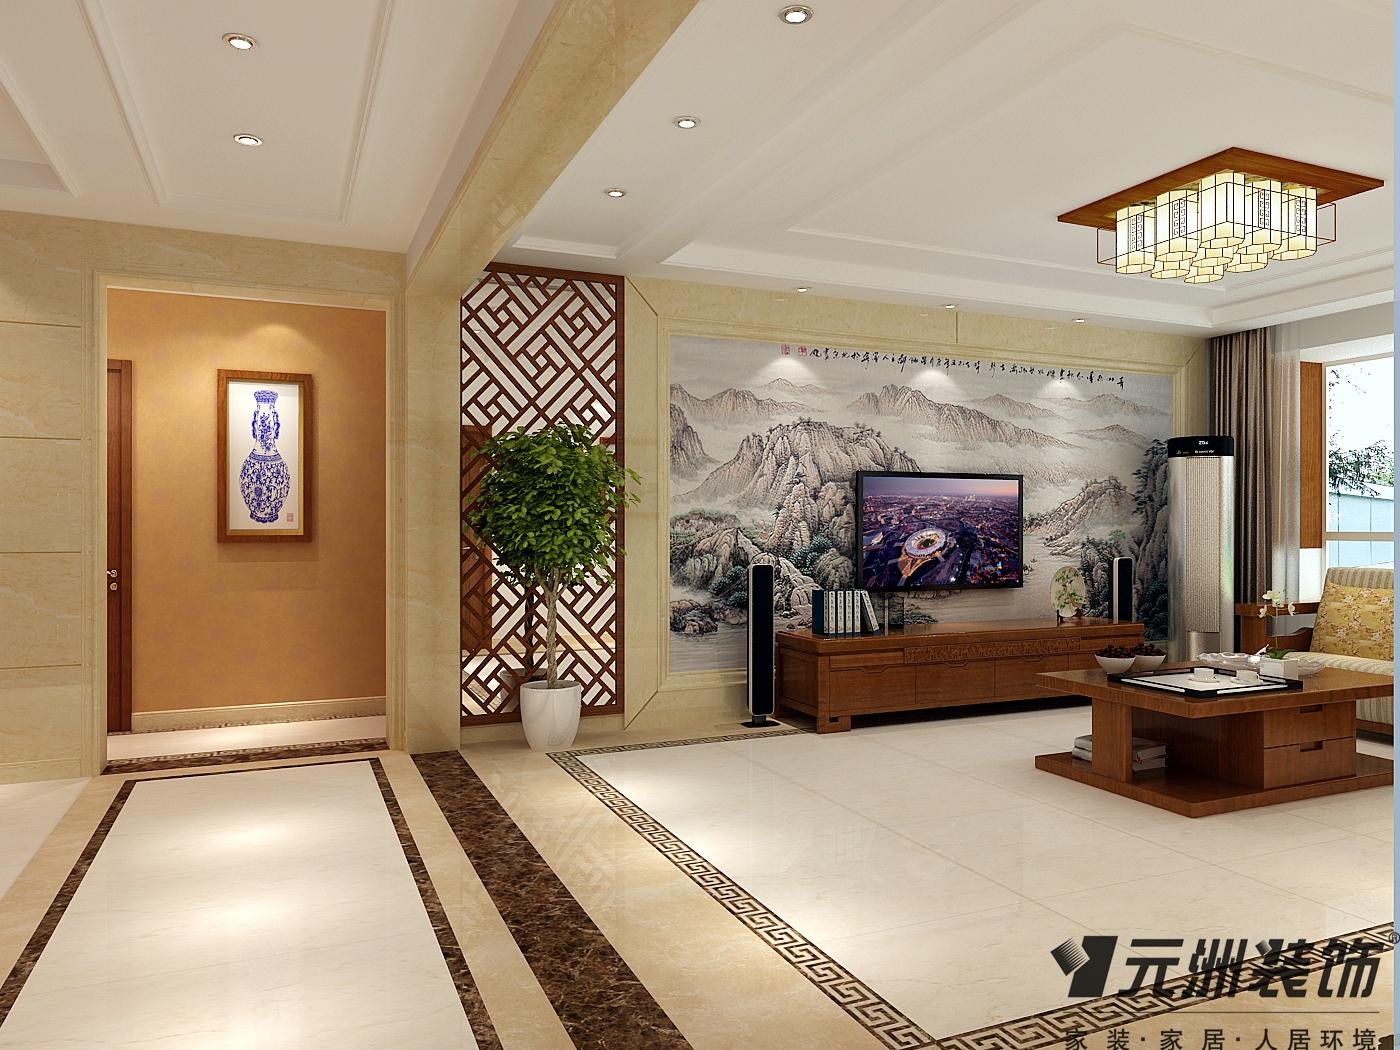 新中式风格 元洲装饰 国瑞城装修 客厅图片来自石家庄-小程在瑞城168平米新中式风格效果图的分享